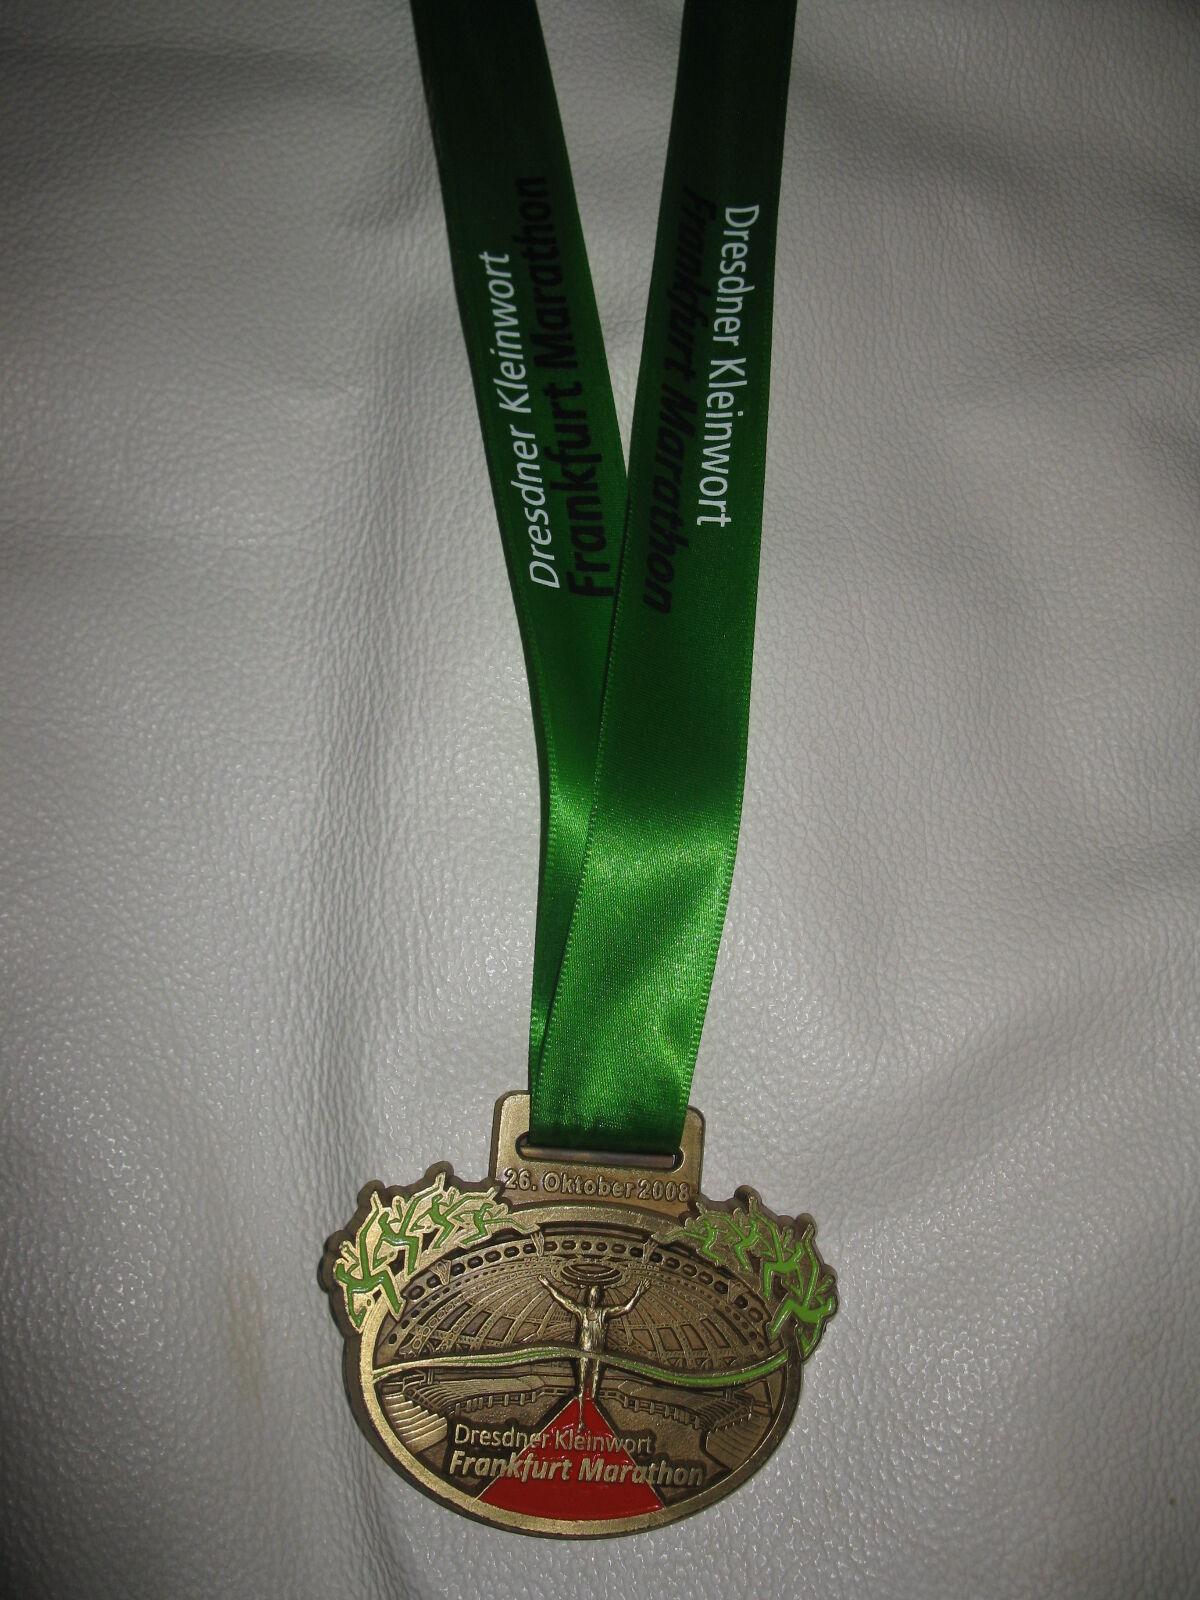 Frankfurt Marathon 2008 Dresdner Marathon Marathon Marathon Finisher Medaille Leichtathletik 839050